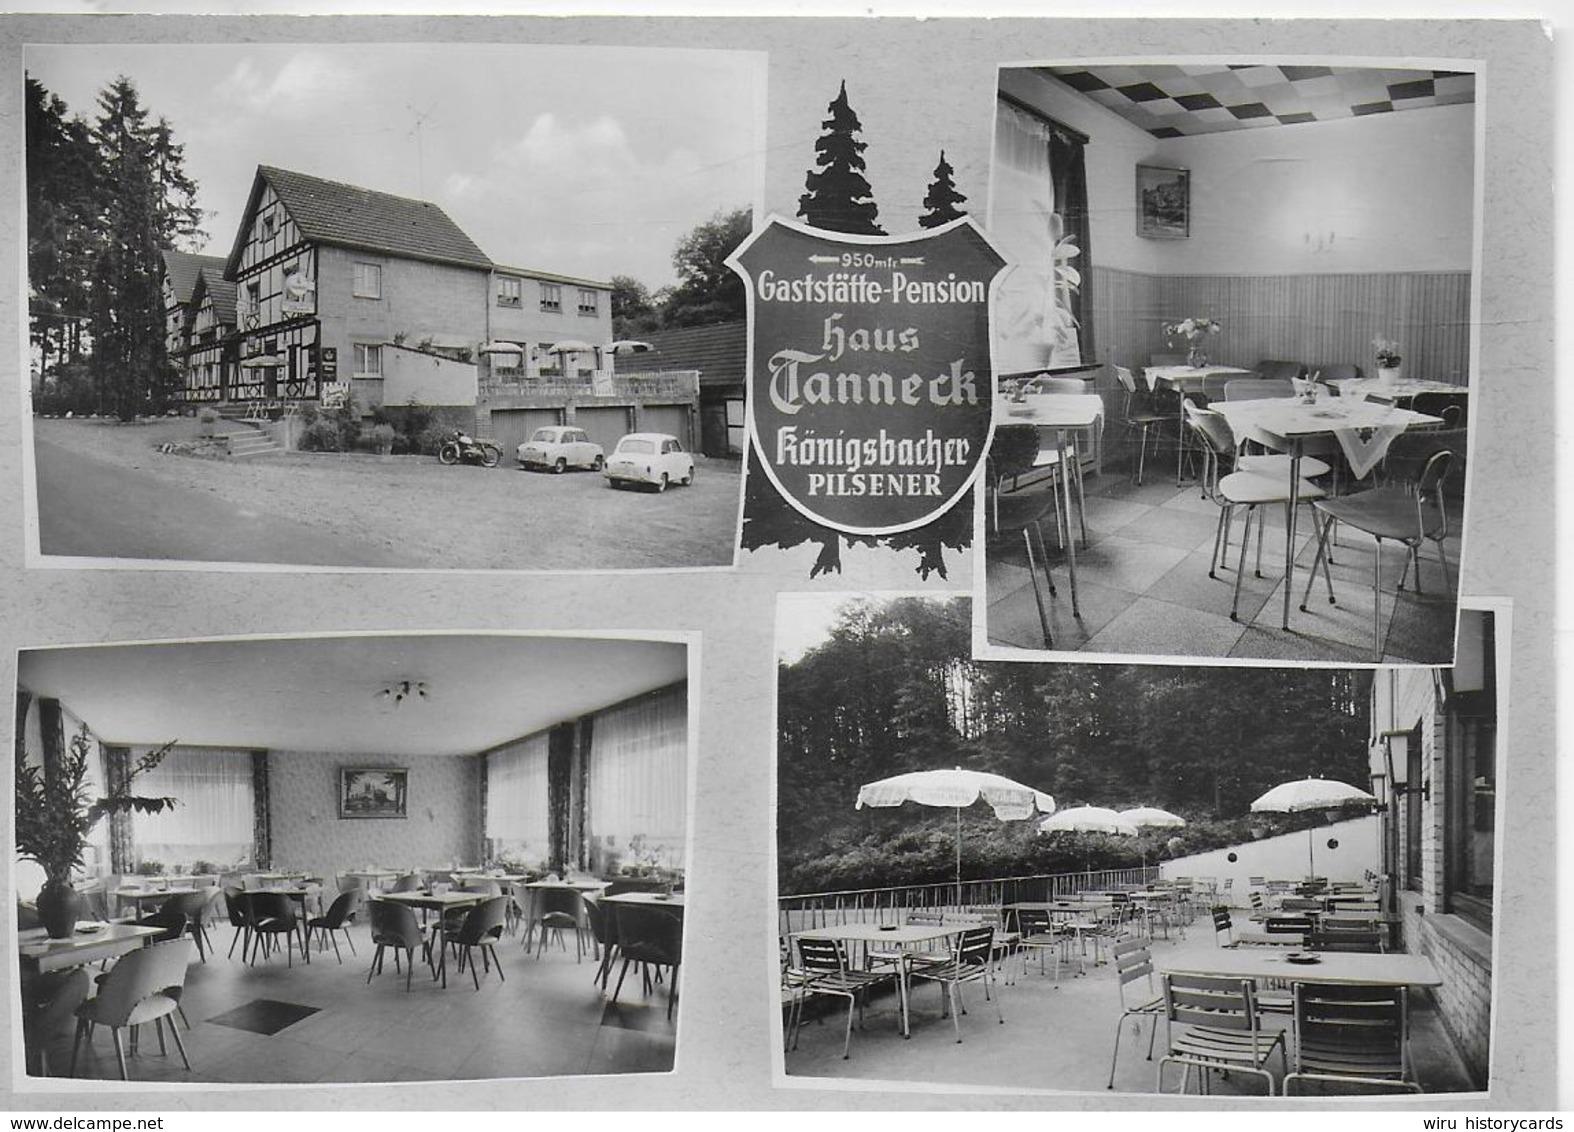 AK 0324  Gaststätte-Pension Haus Tanneck über Siegburg Um 1960 - Siegburg